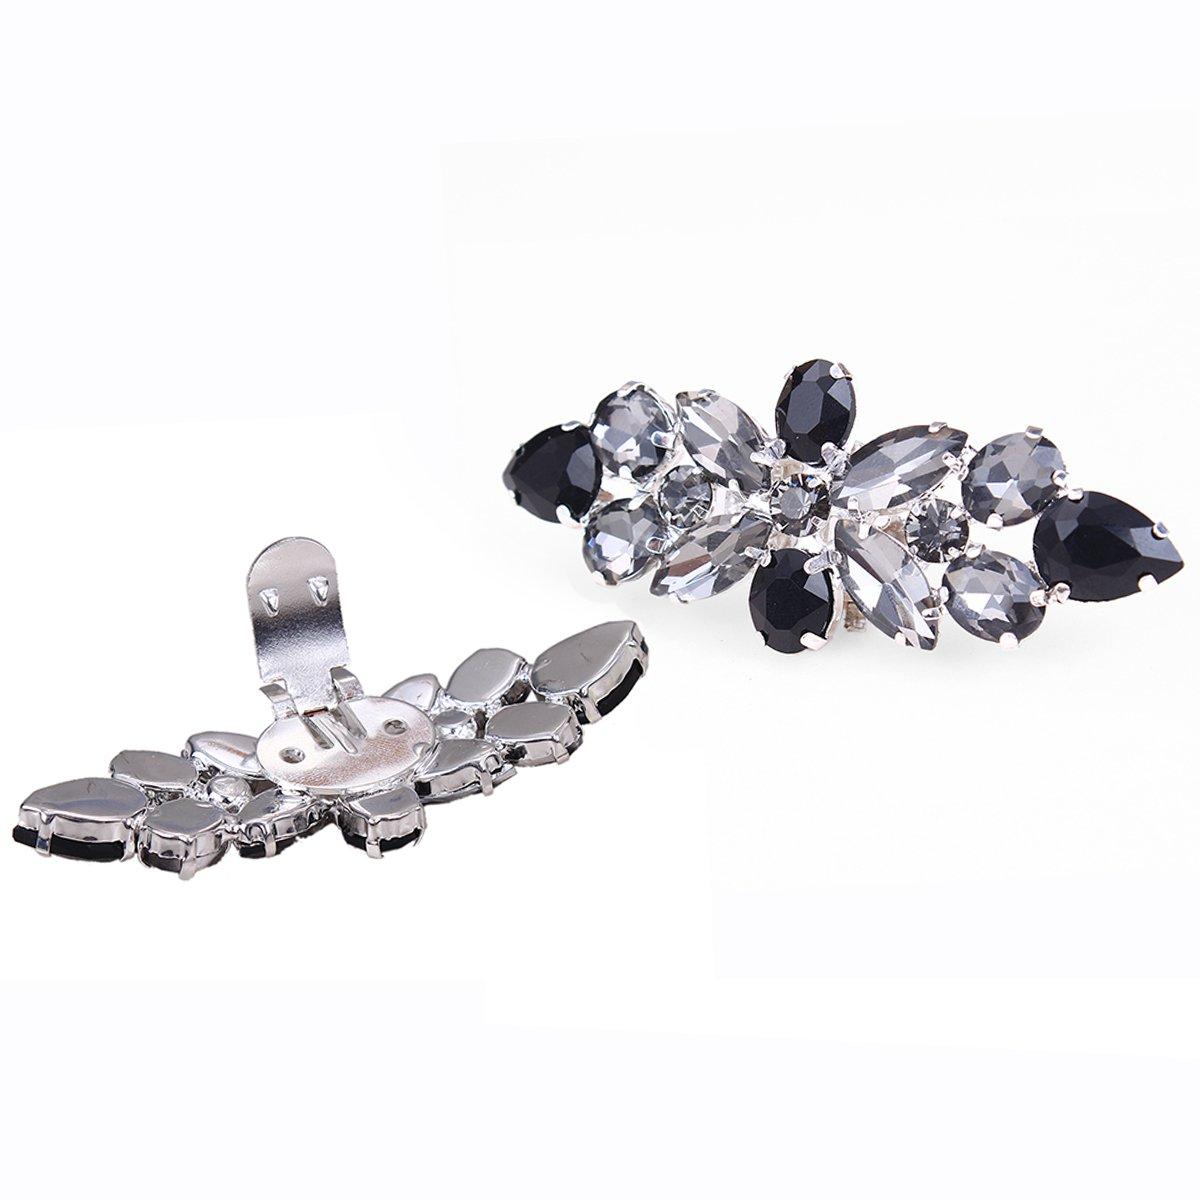 clip di design floreale con strass di colore nero e bianco per la decorazione delle scarpe Santfe